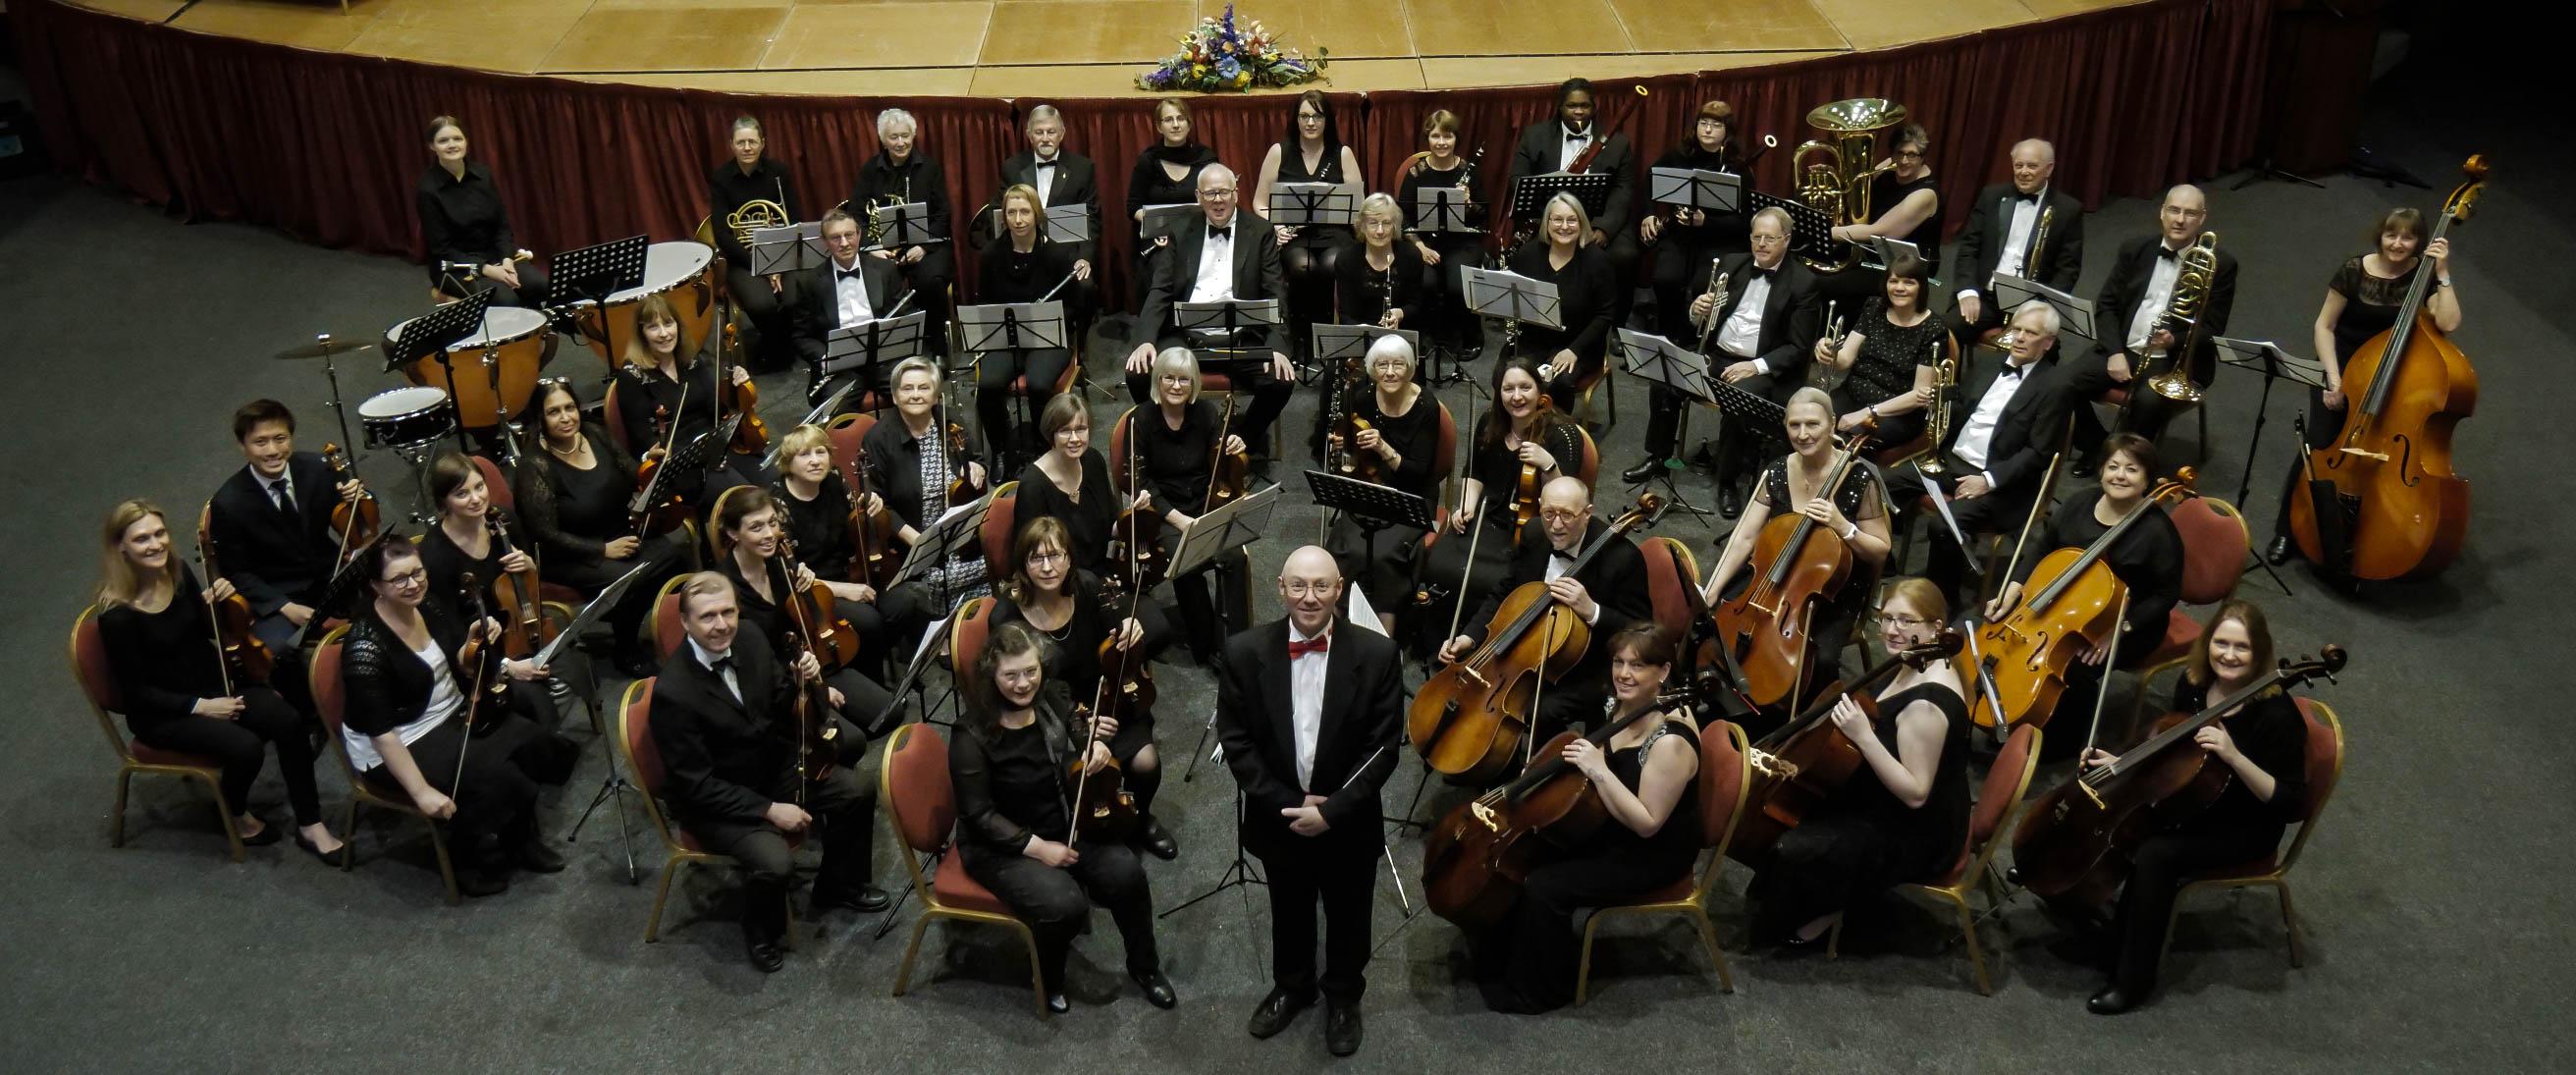 Full Orchestra - Banner.jpg